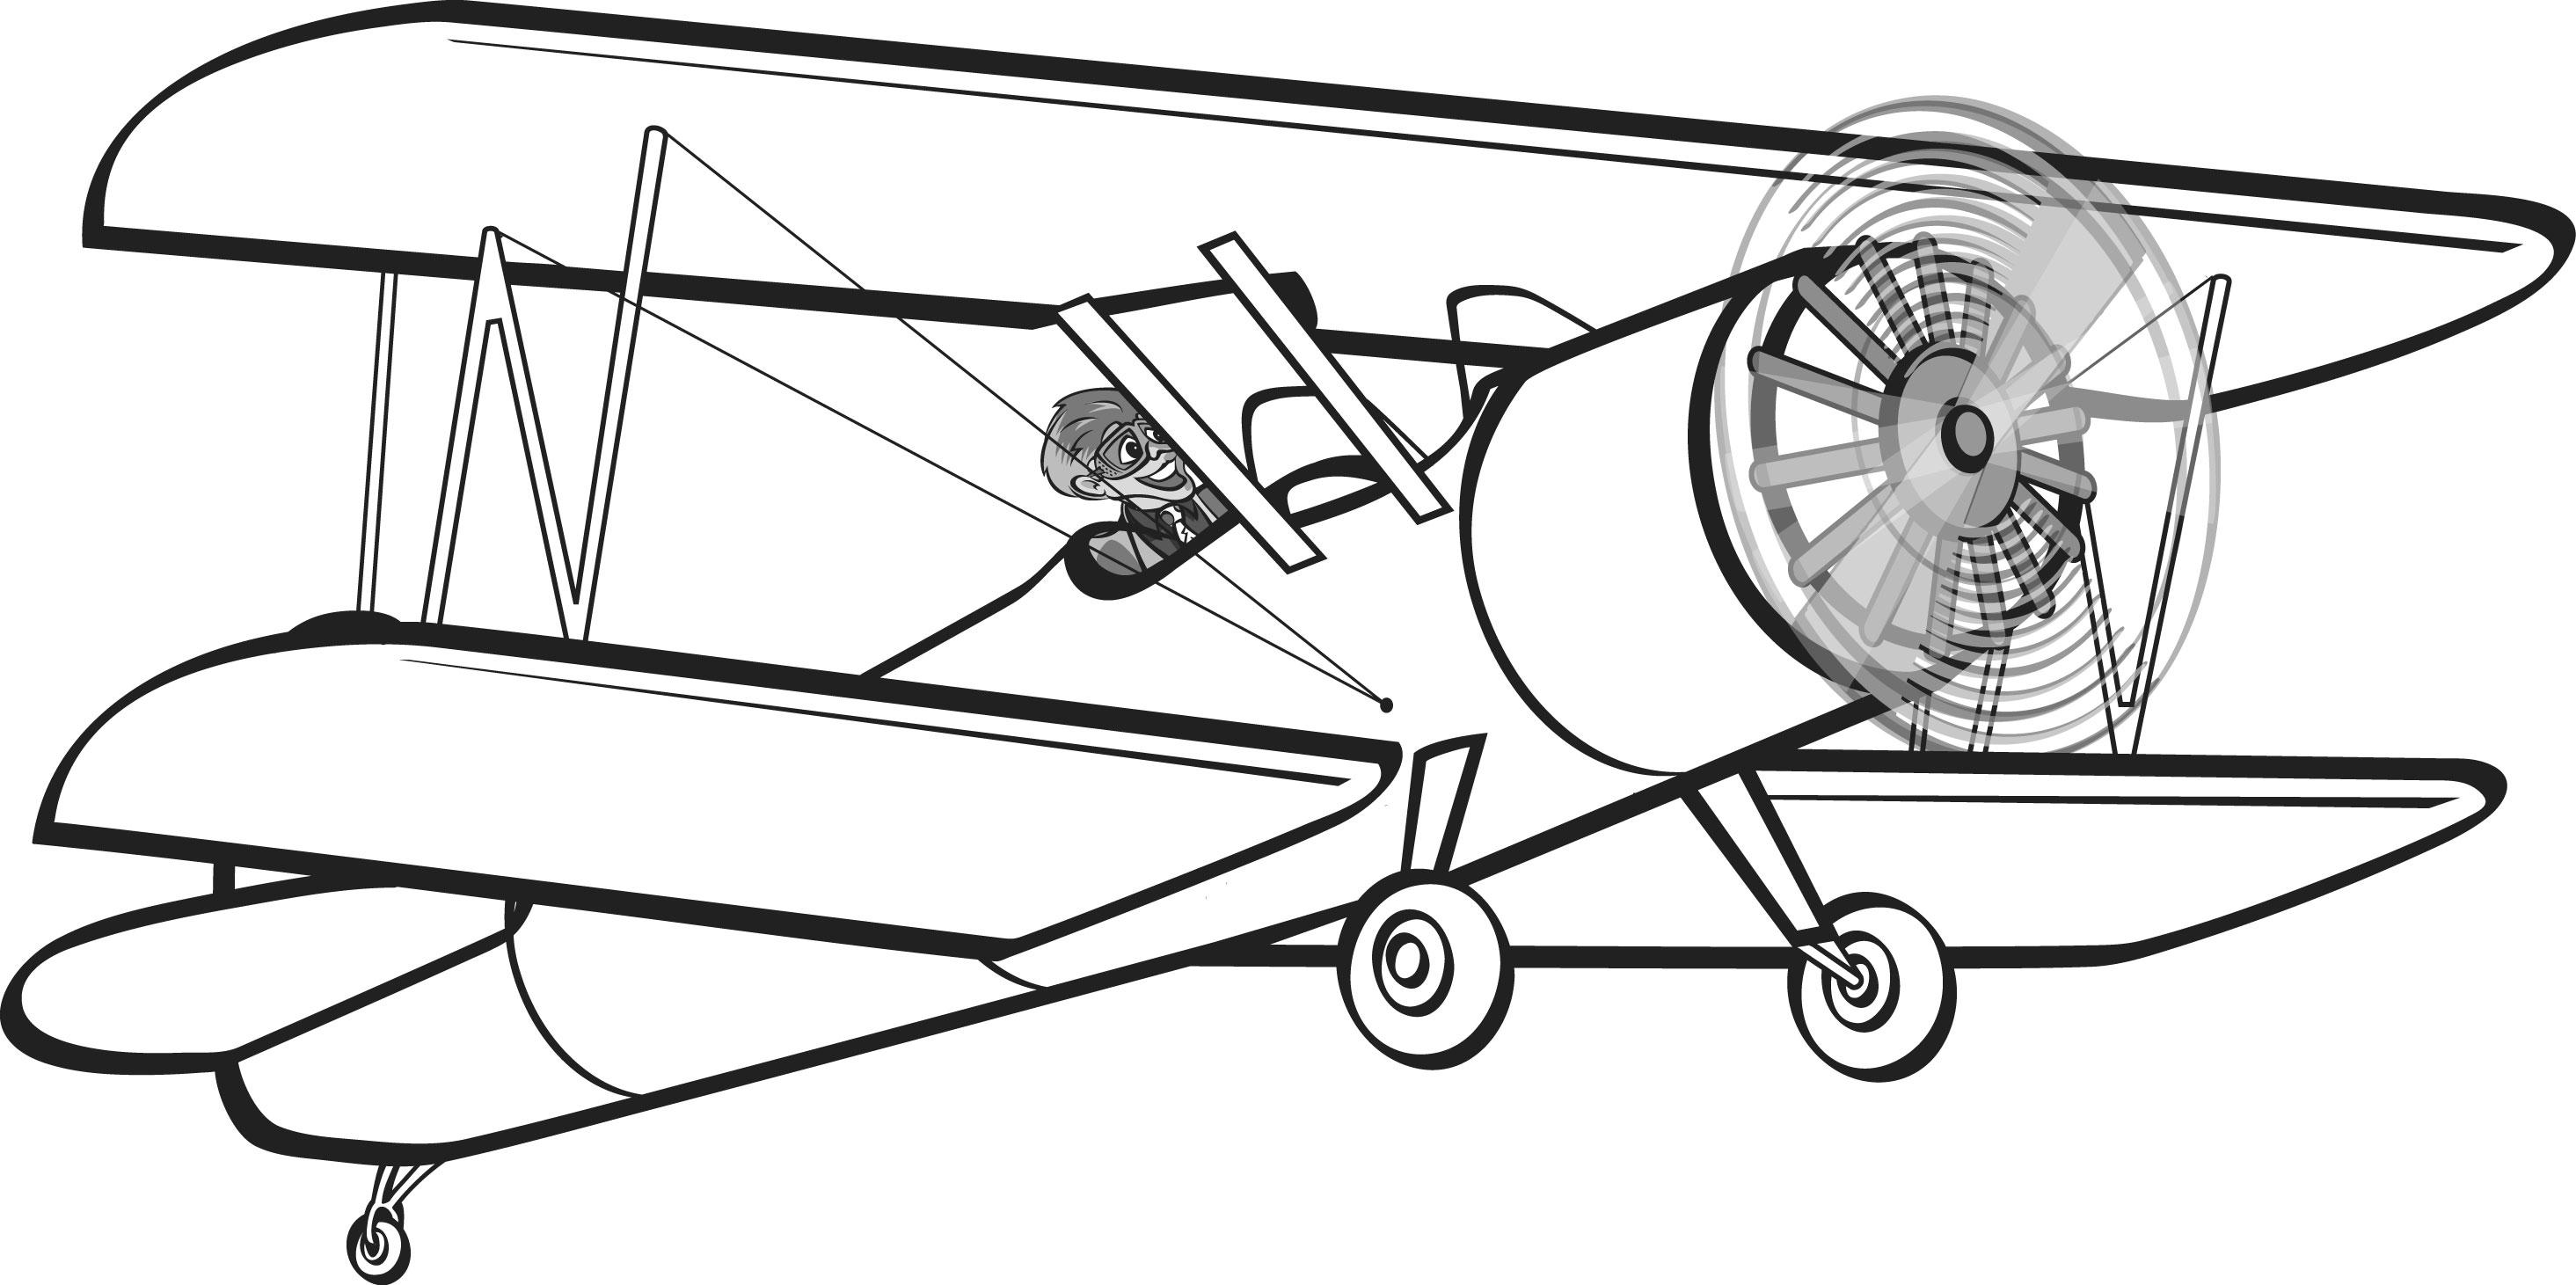 Vintage Airplane Drawing